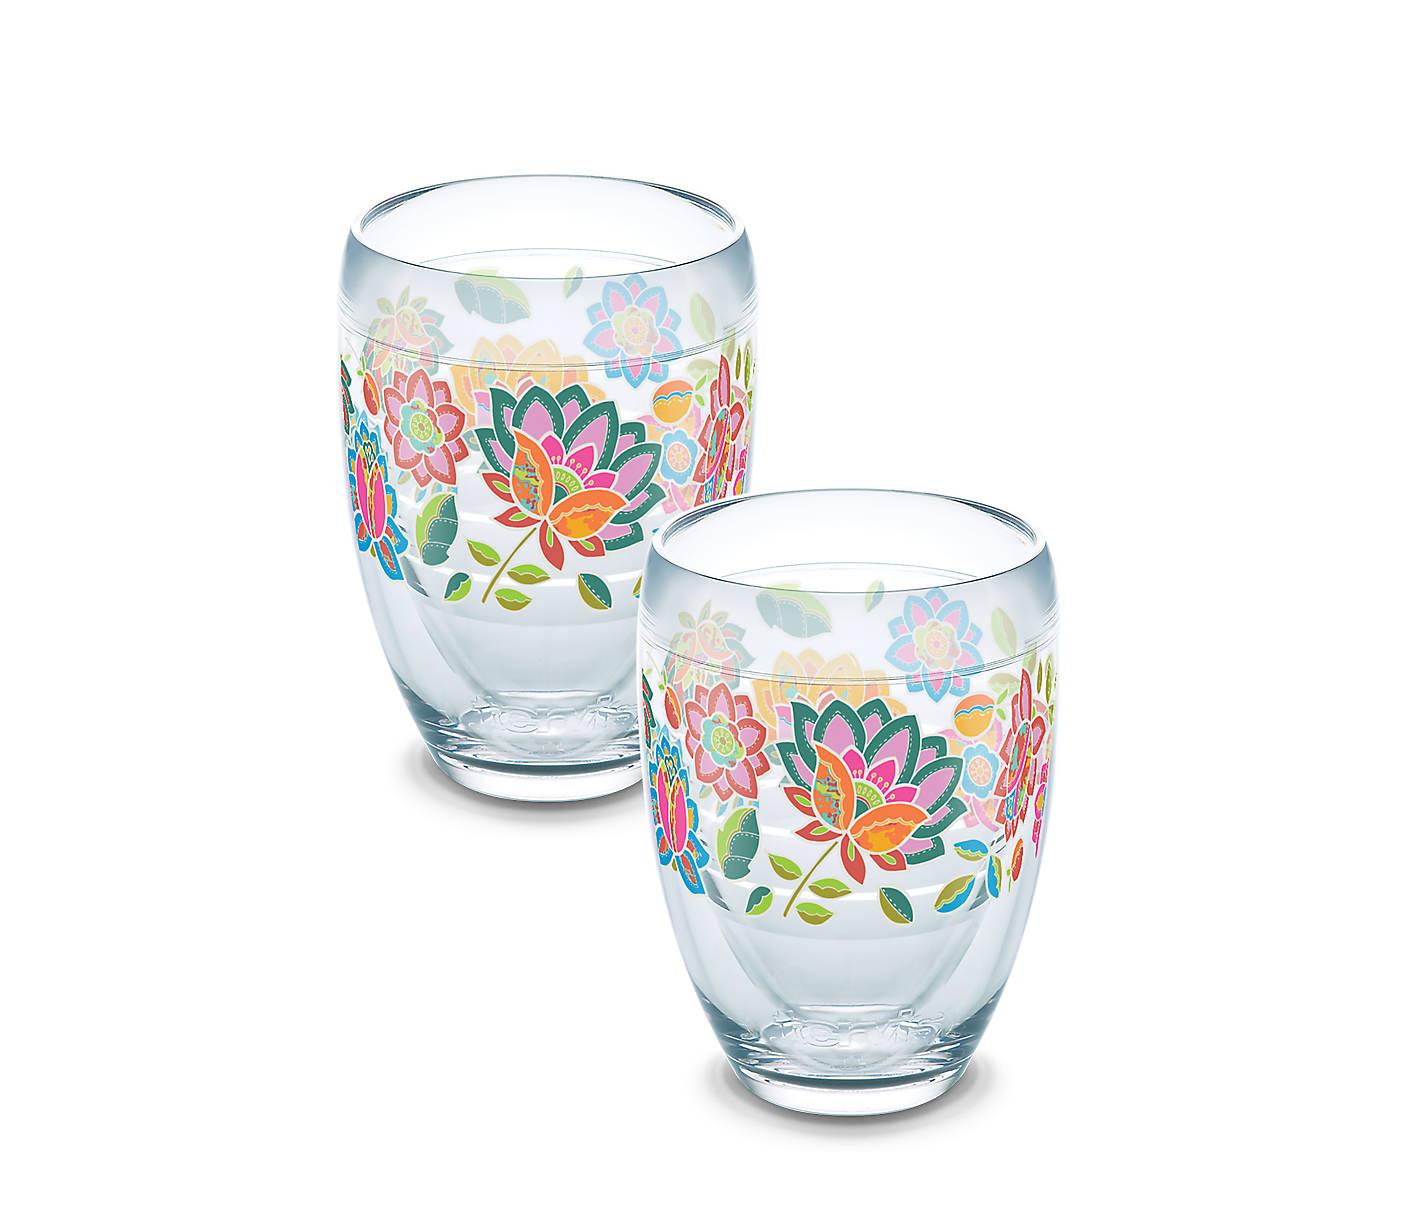 eff4de8fec7 Boho Floral Chic Wrap 2-Pack Gift Set - Boxed   Tervis Official Store